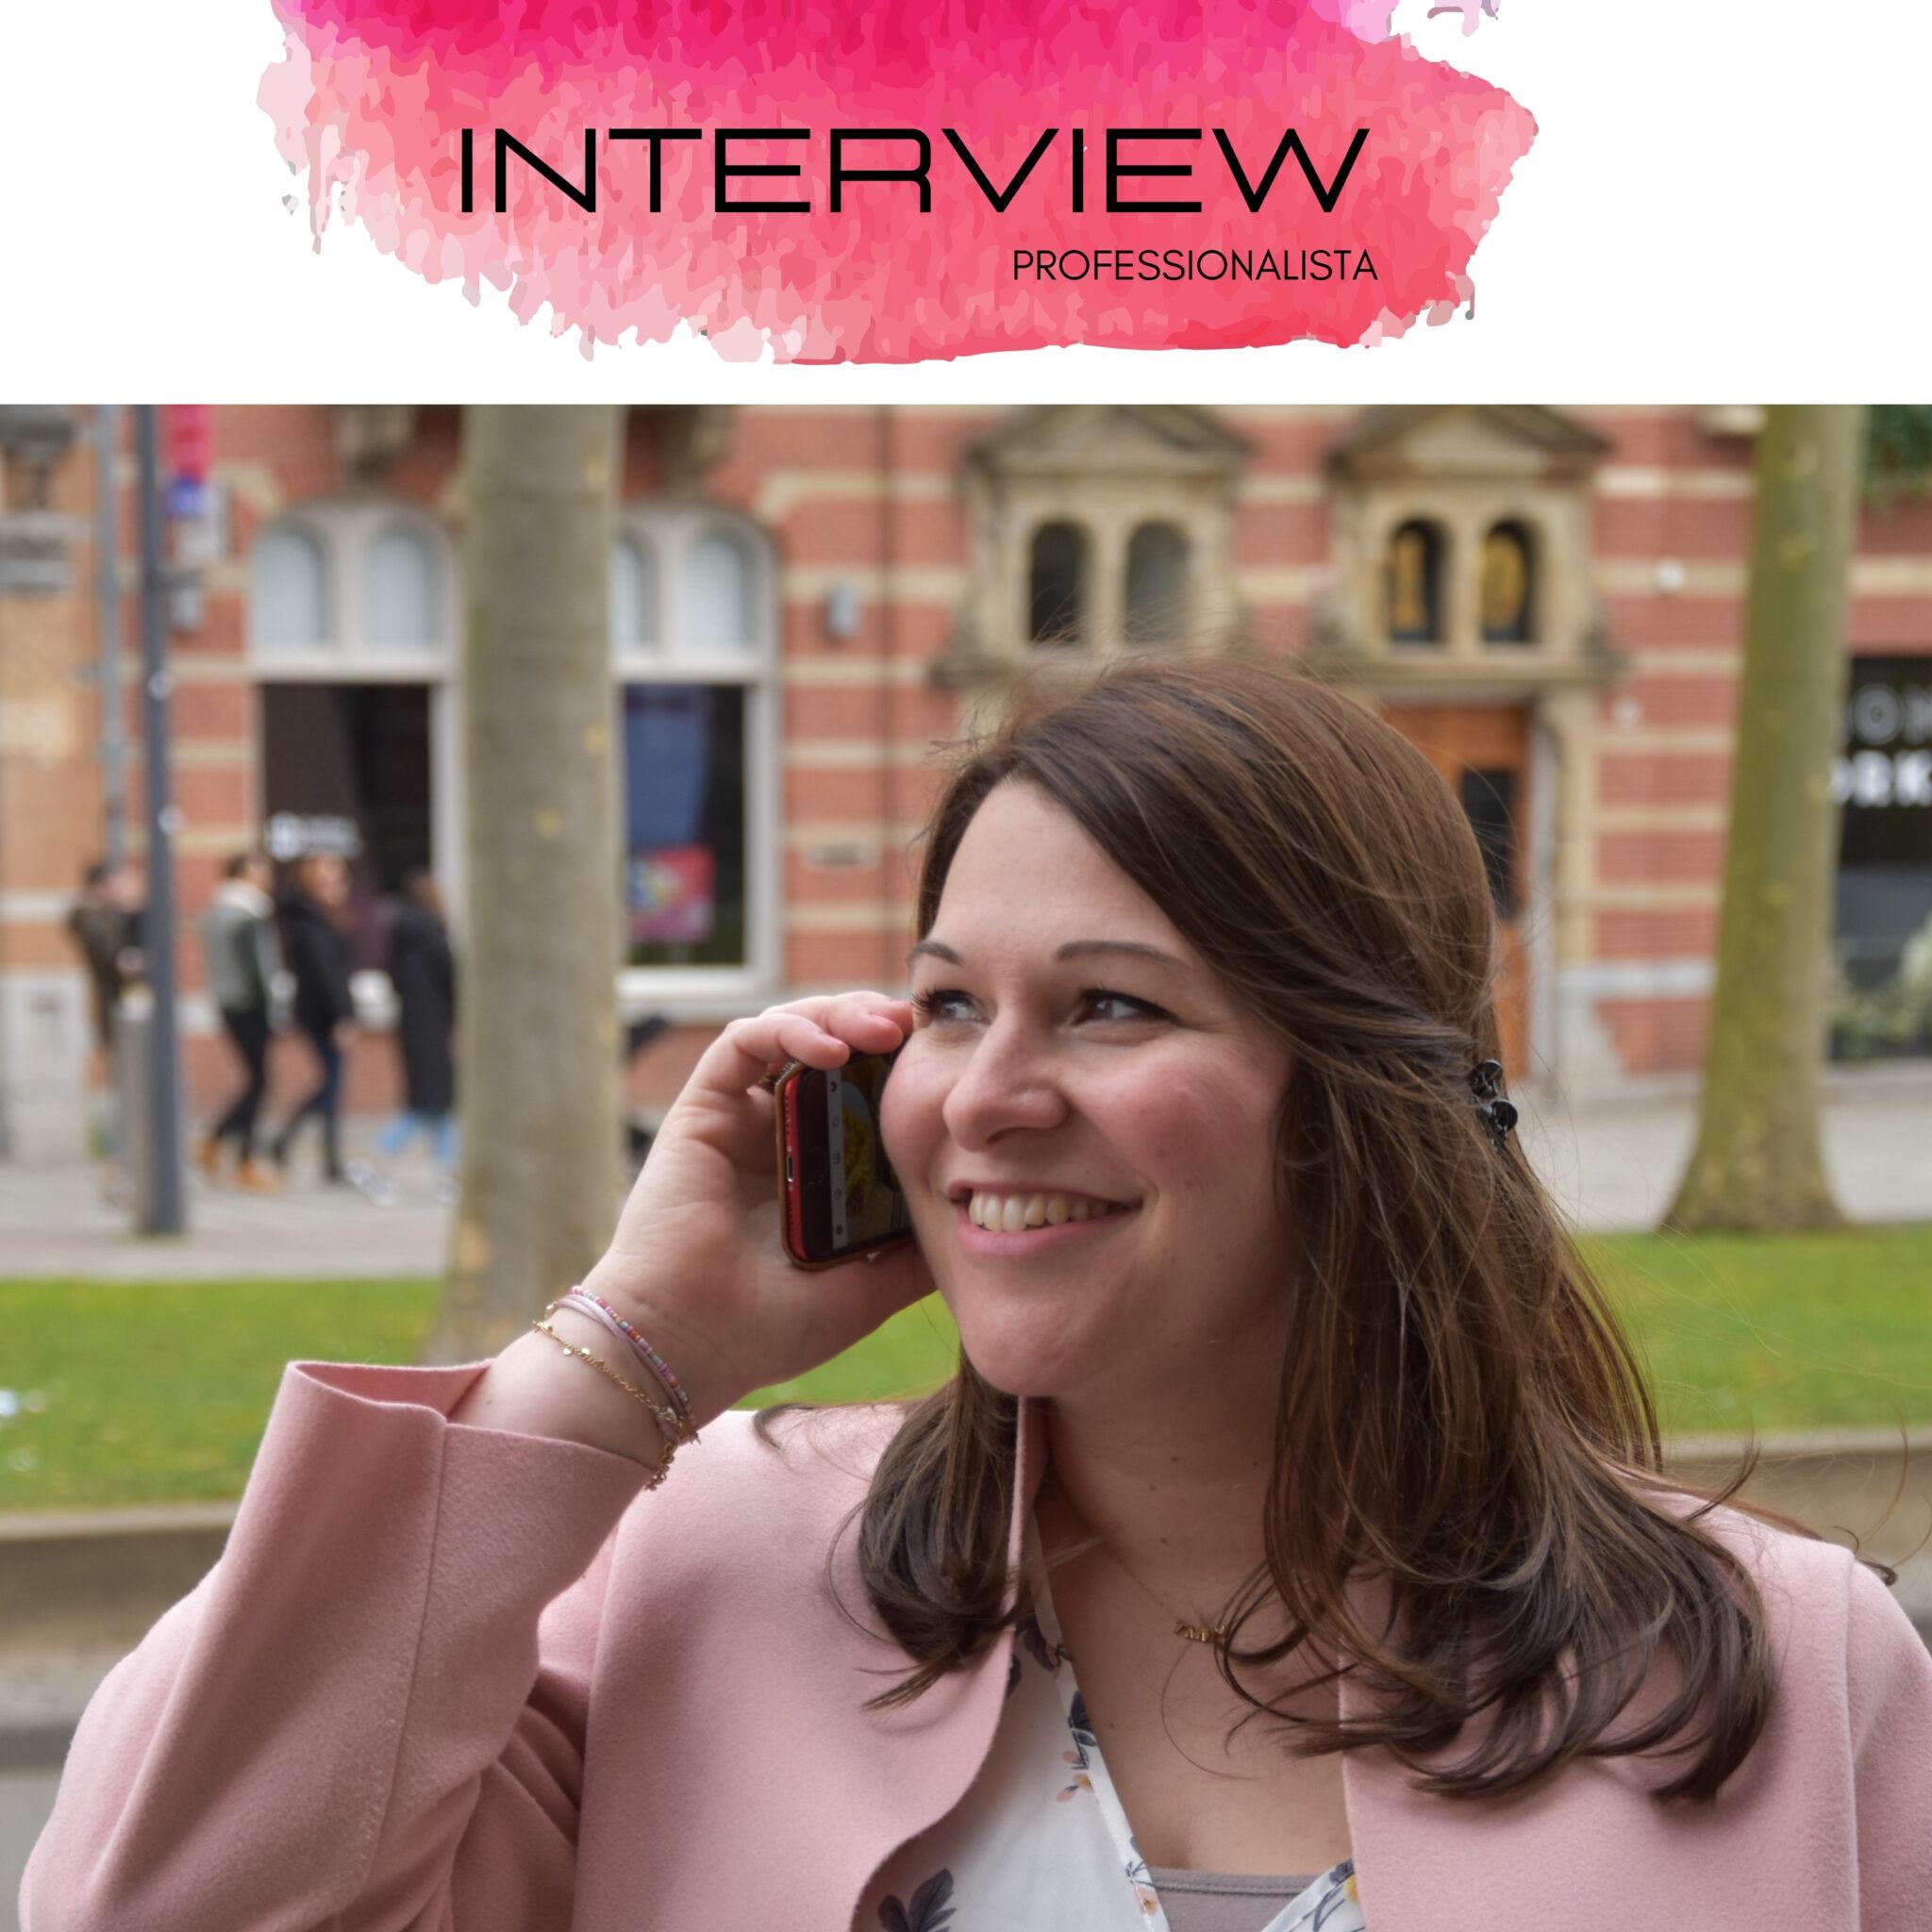 Interview Professionalista Kim de Veer-Krijger